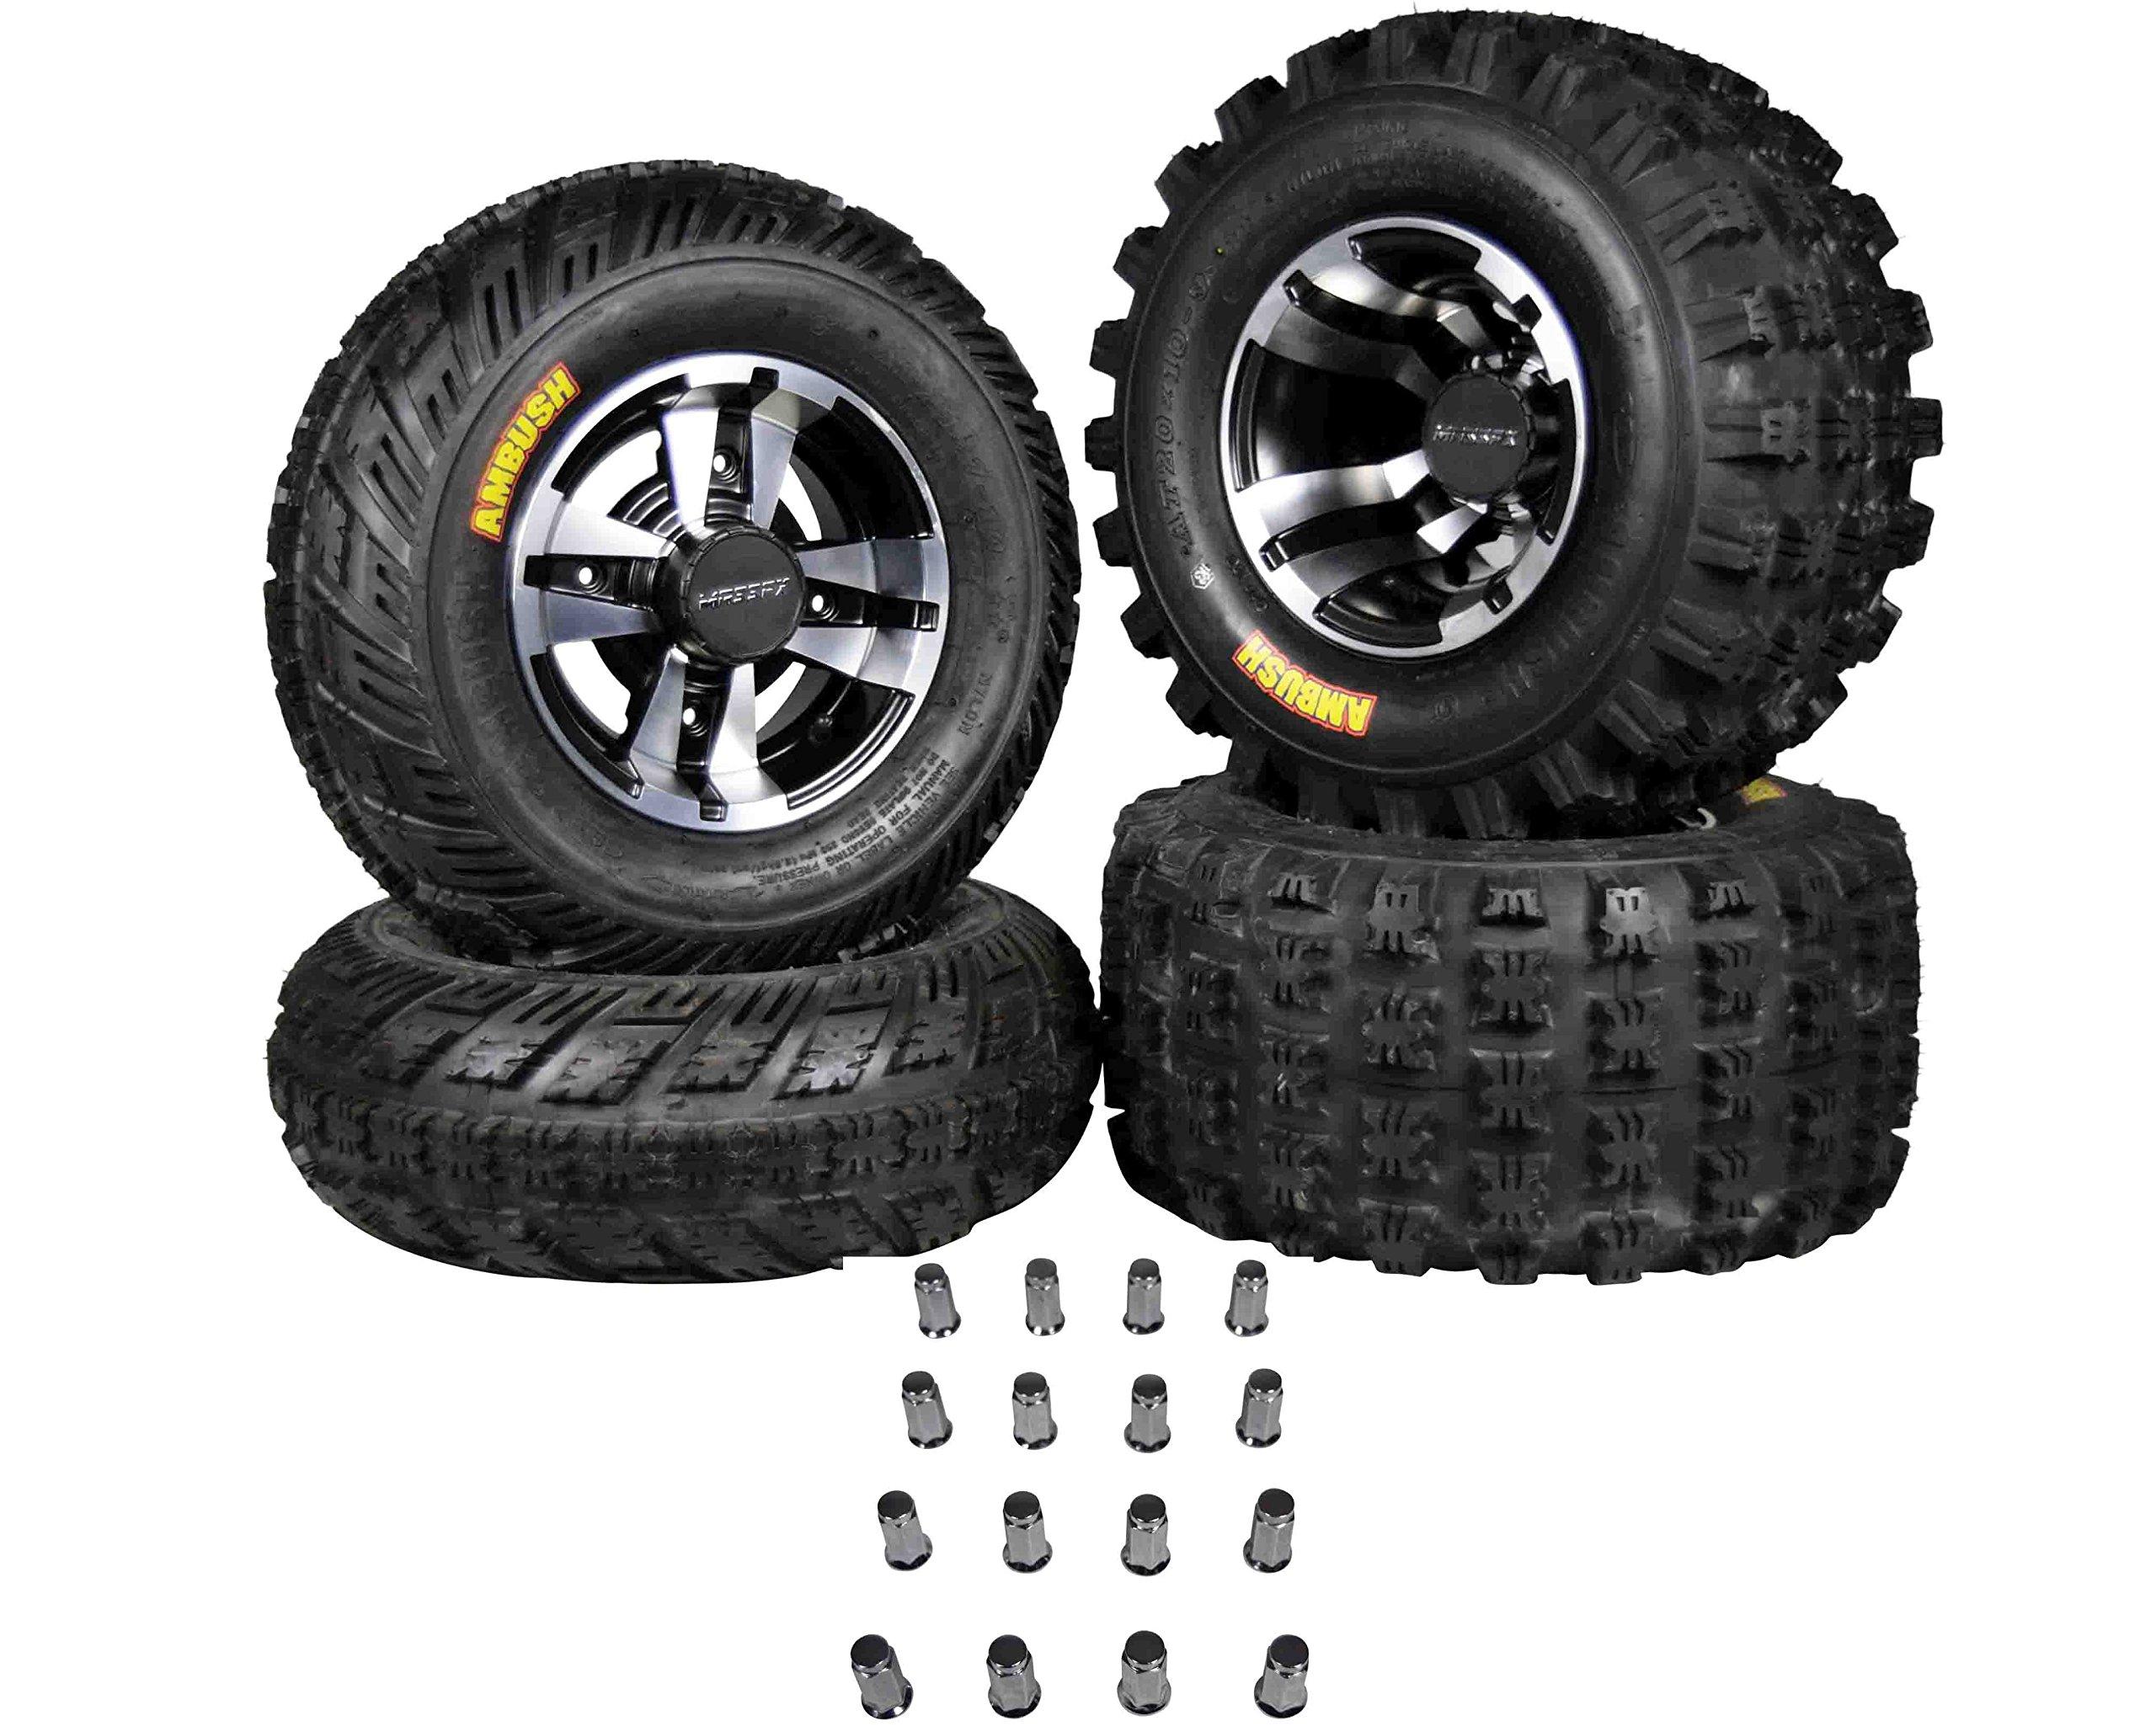 Ambush 21x7-10 20x10-9 Tires w MASSFX Machined Rims 10x5 4/156 9x8 4/115 Wheels